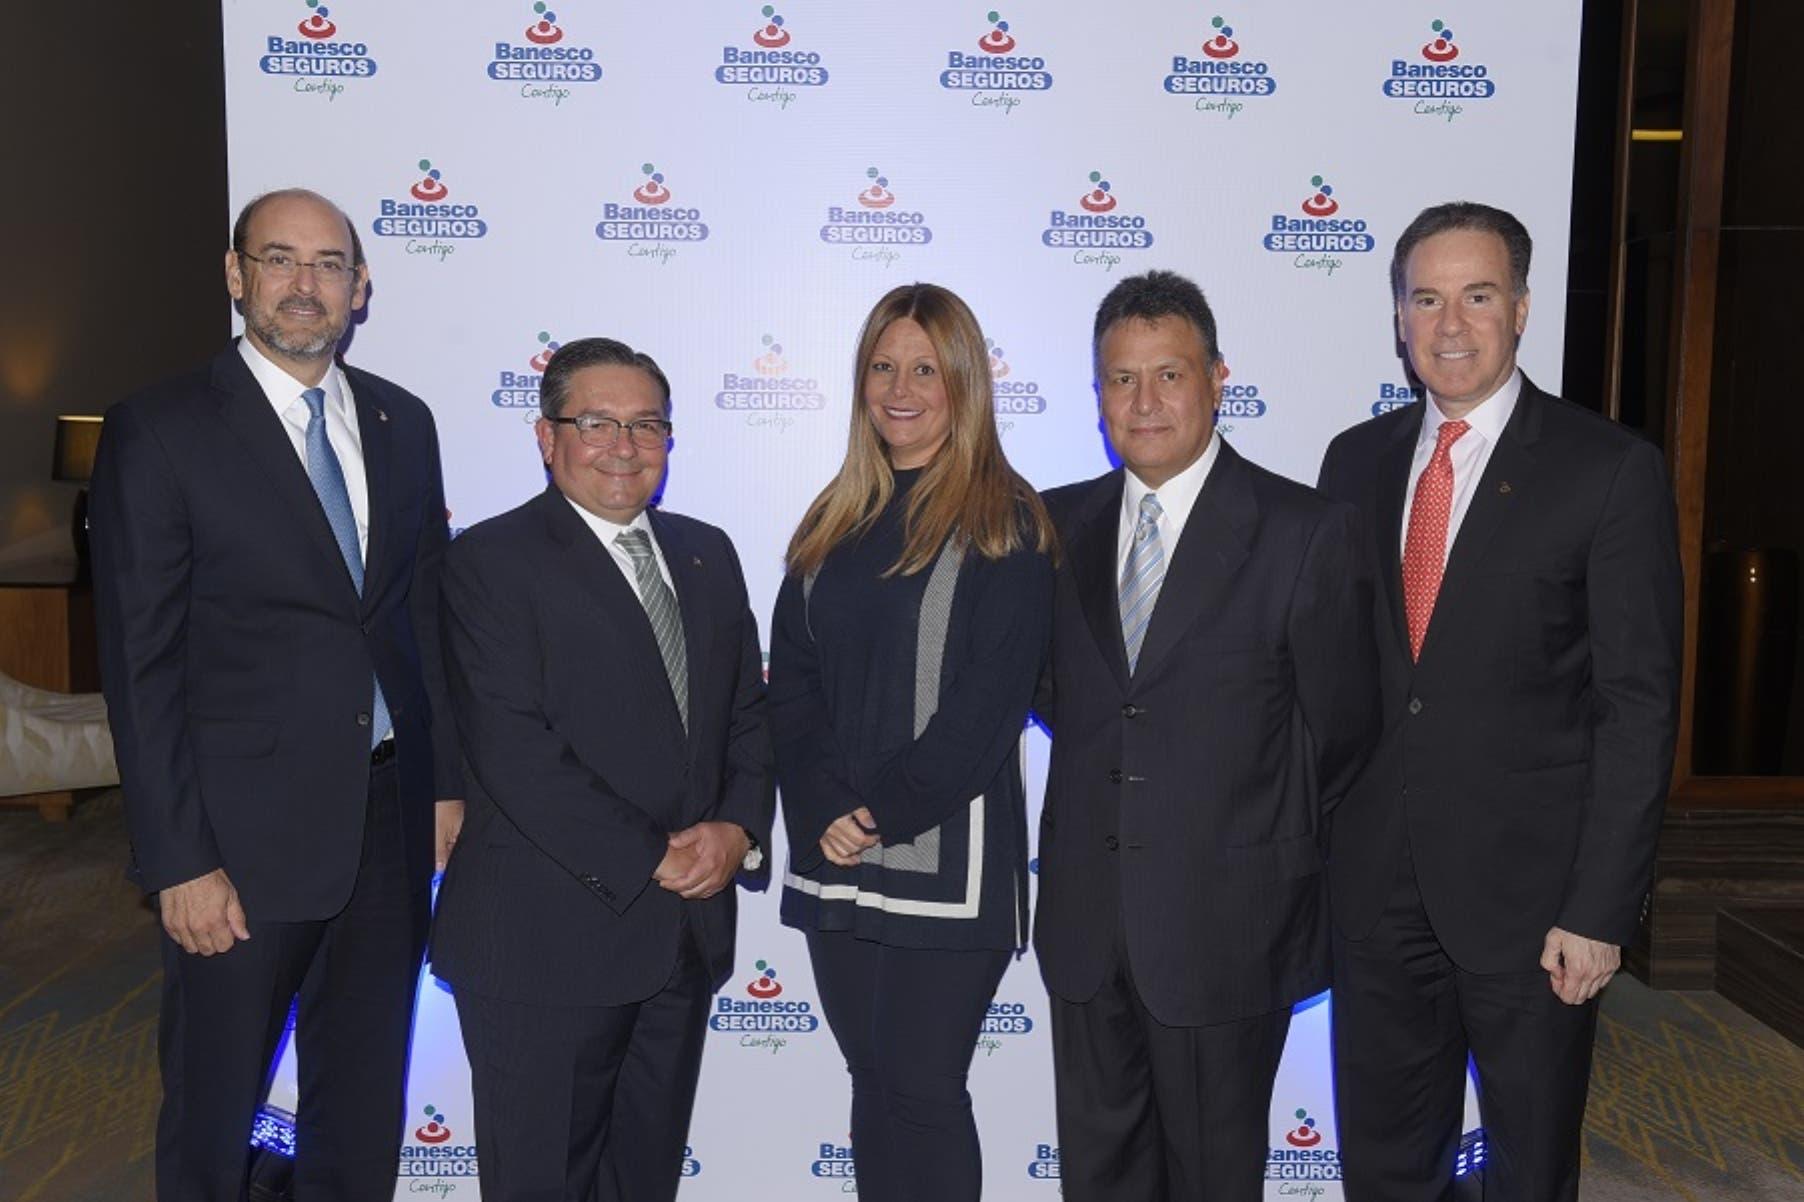 Roberto Despradel, Carlos Luengo, María Clara Alvárez, Luis Miguel López y Mario Oliva.